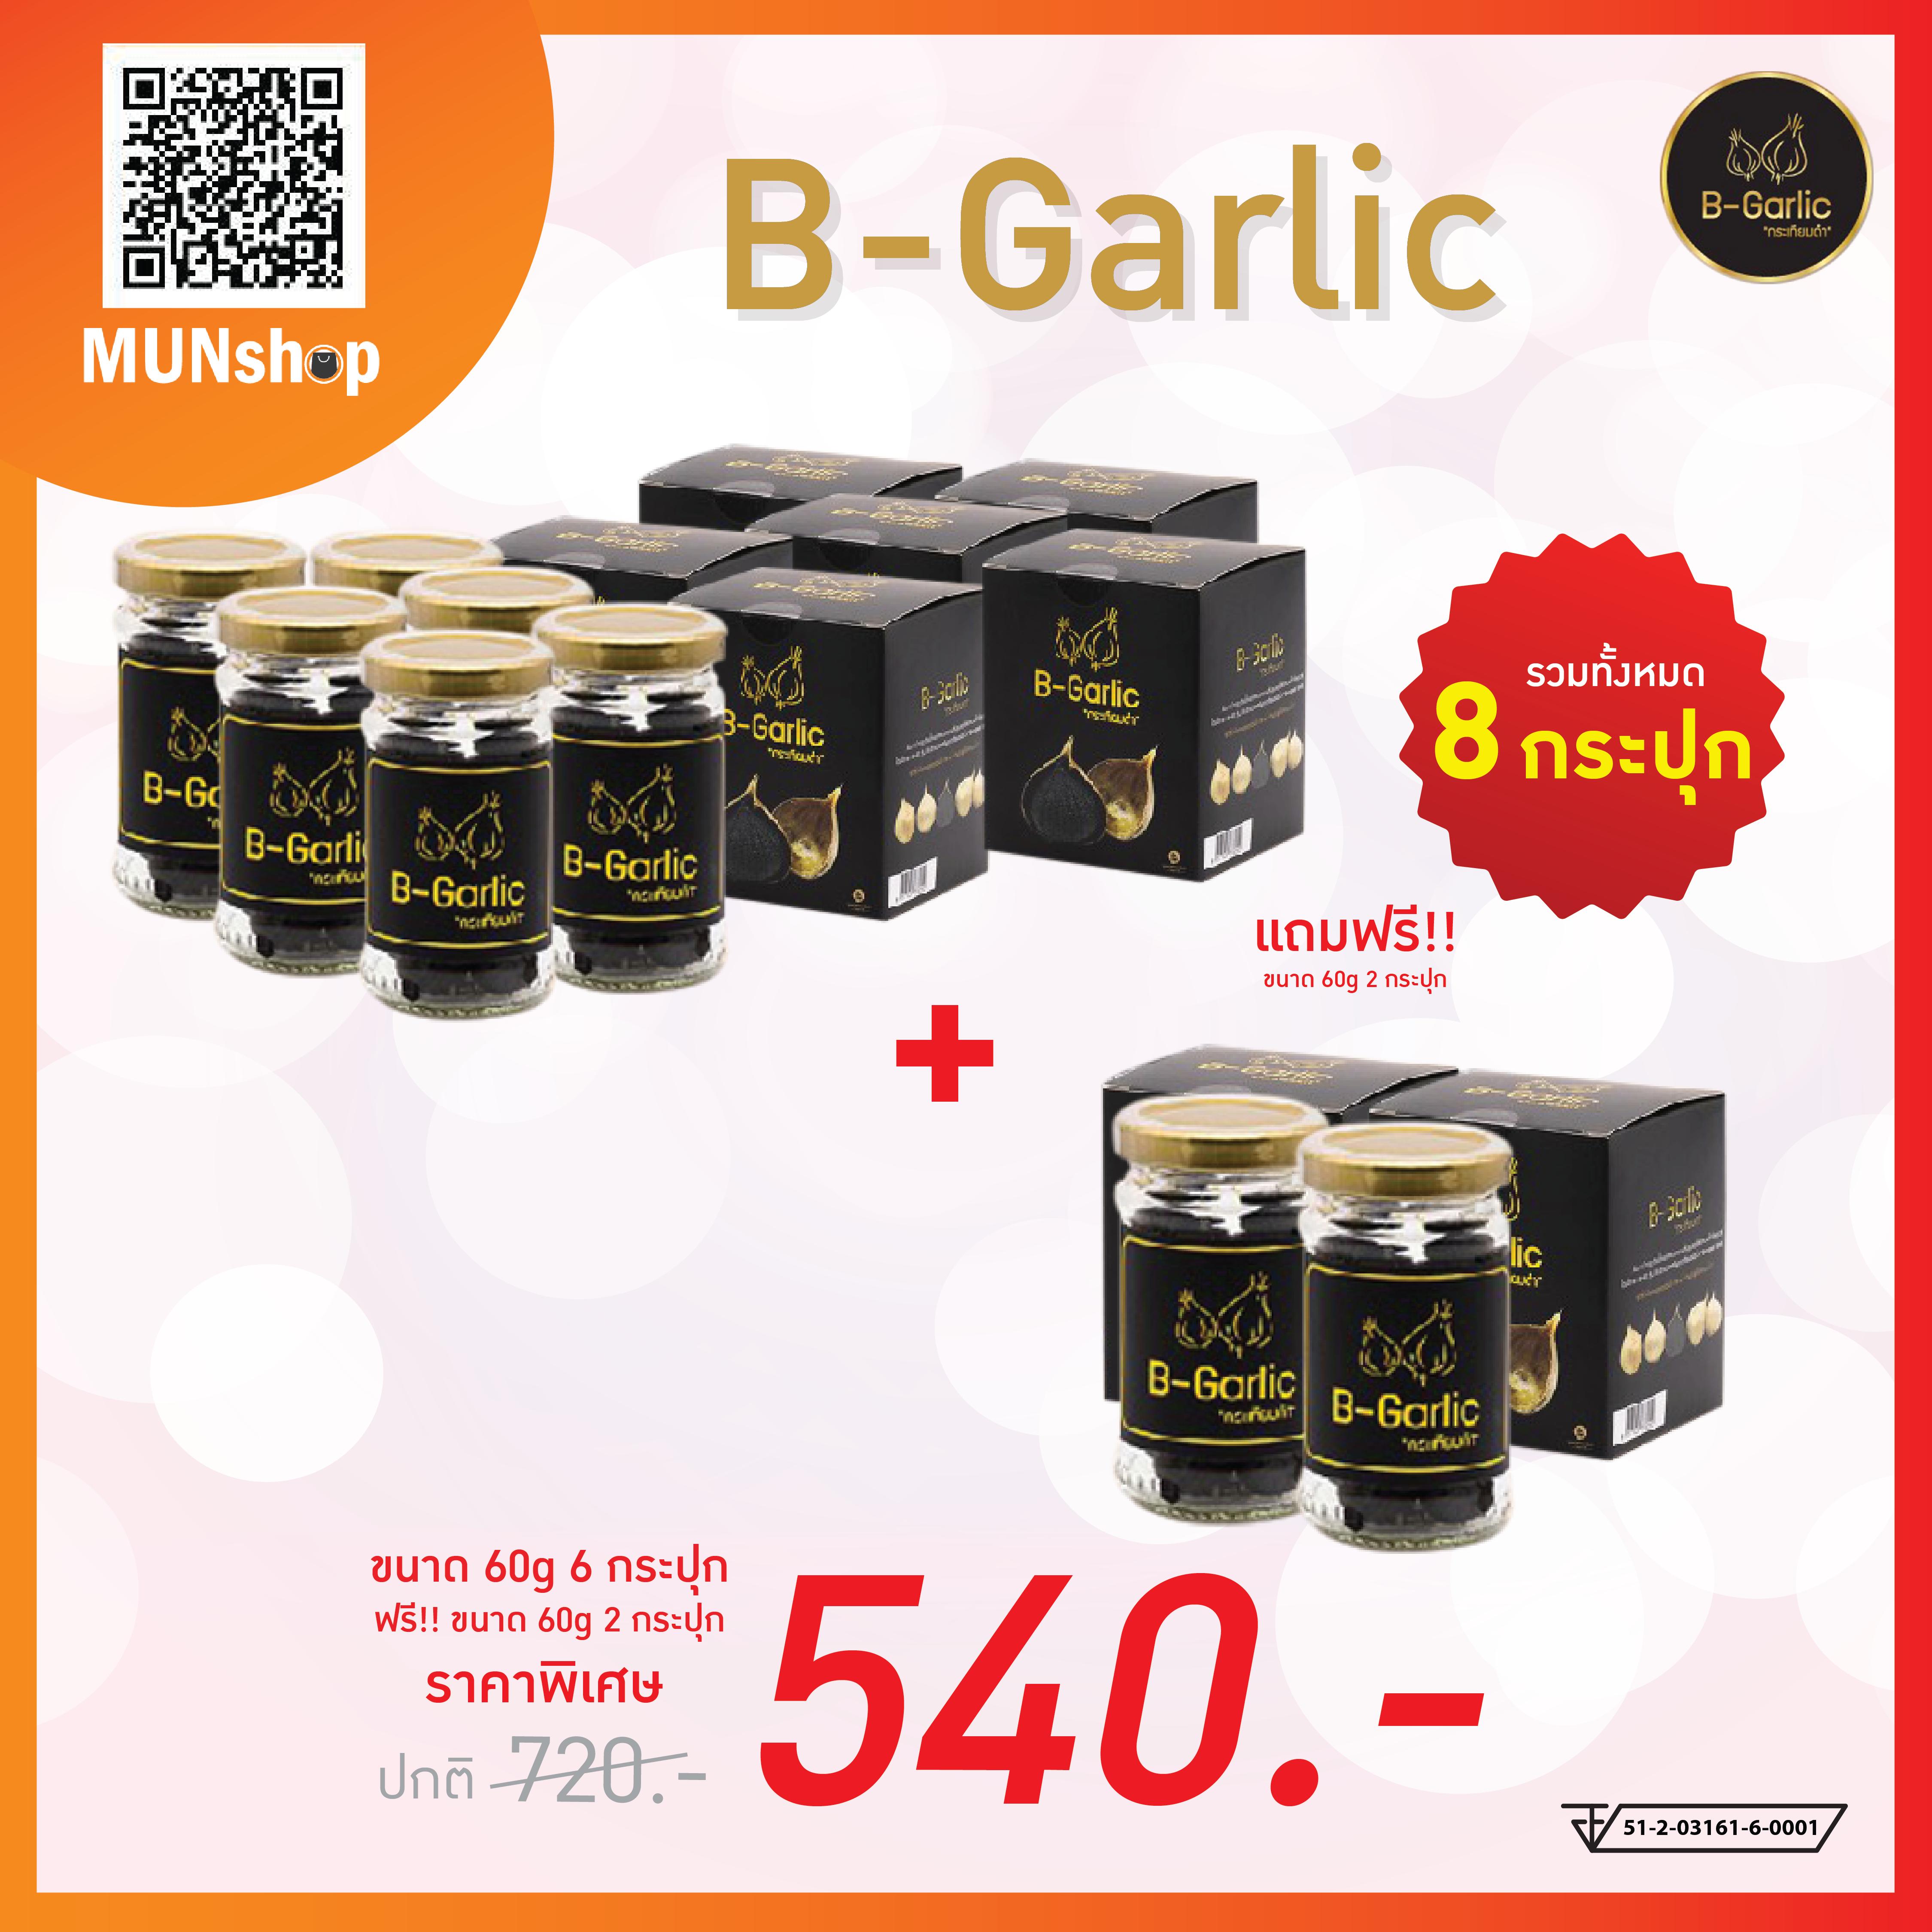 B-garlic กระเทียมดํา ซื้อ 6 แถม 2 [ ได้ทั้งหมด 8 กระปุก / ขนาด 60 กรัม ]